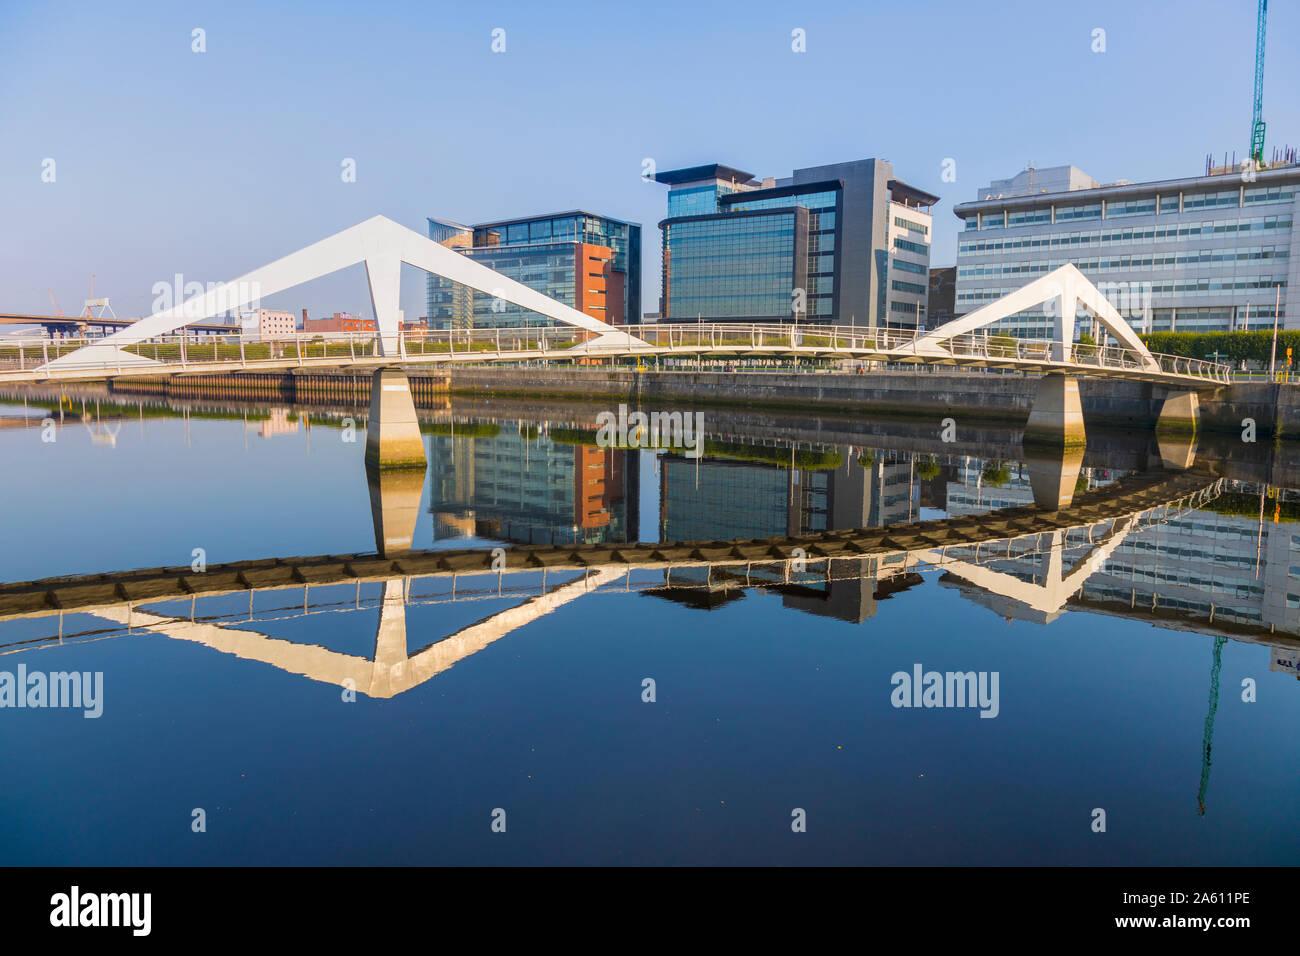 Tradeston (Squiggly) Pont, Quartier international de services financiers, Clyde, Glasgow, Ecosse, Royaume-Uni, Europe Banque D'Images